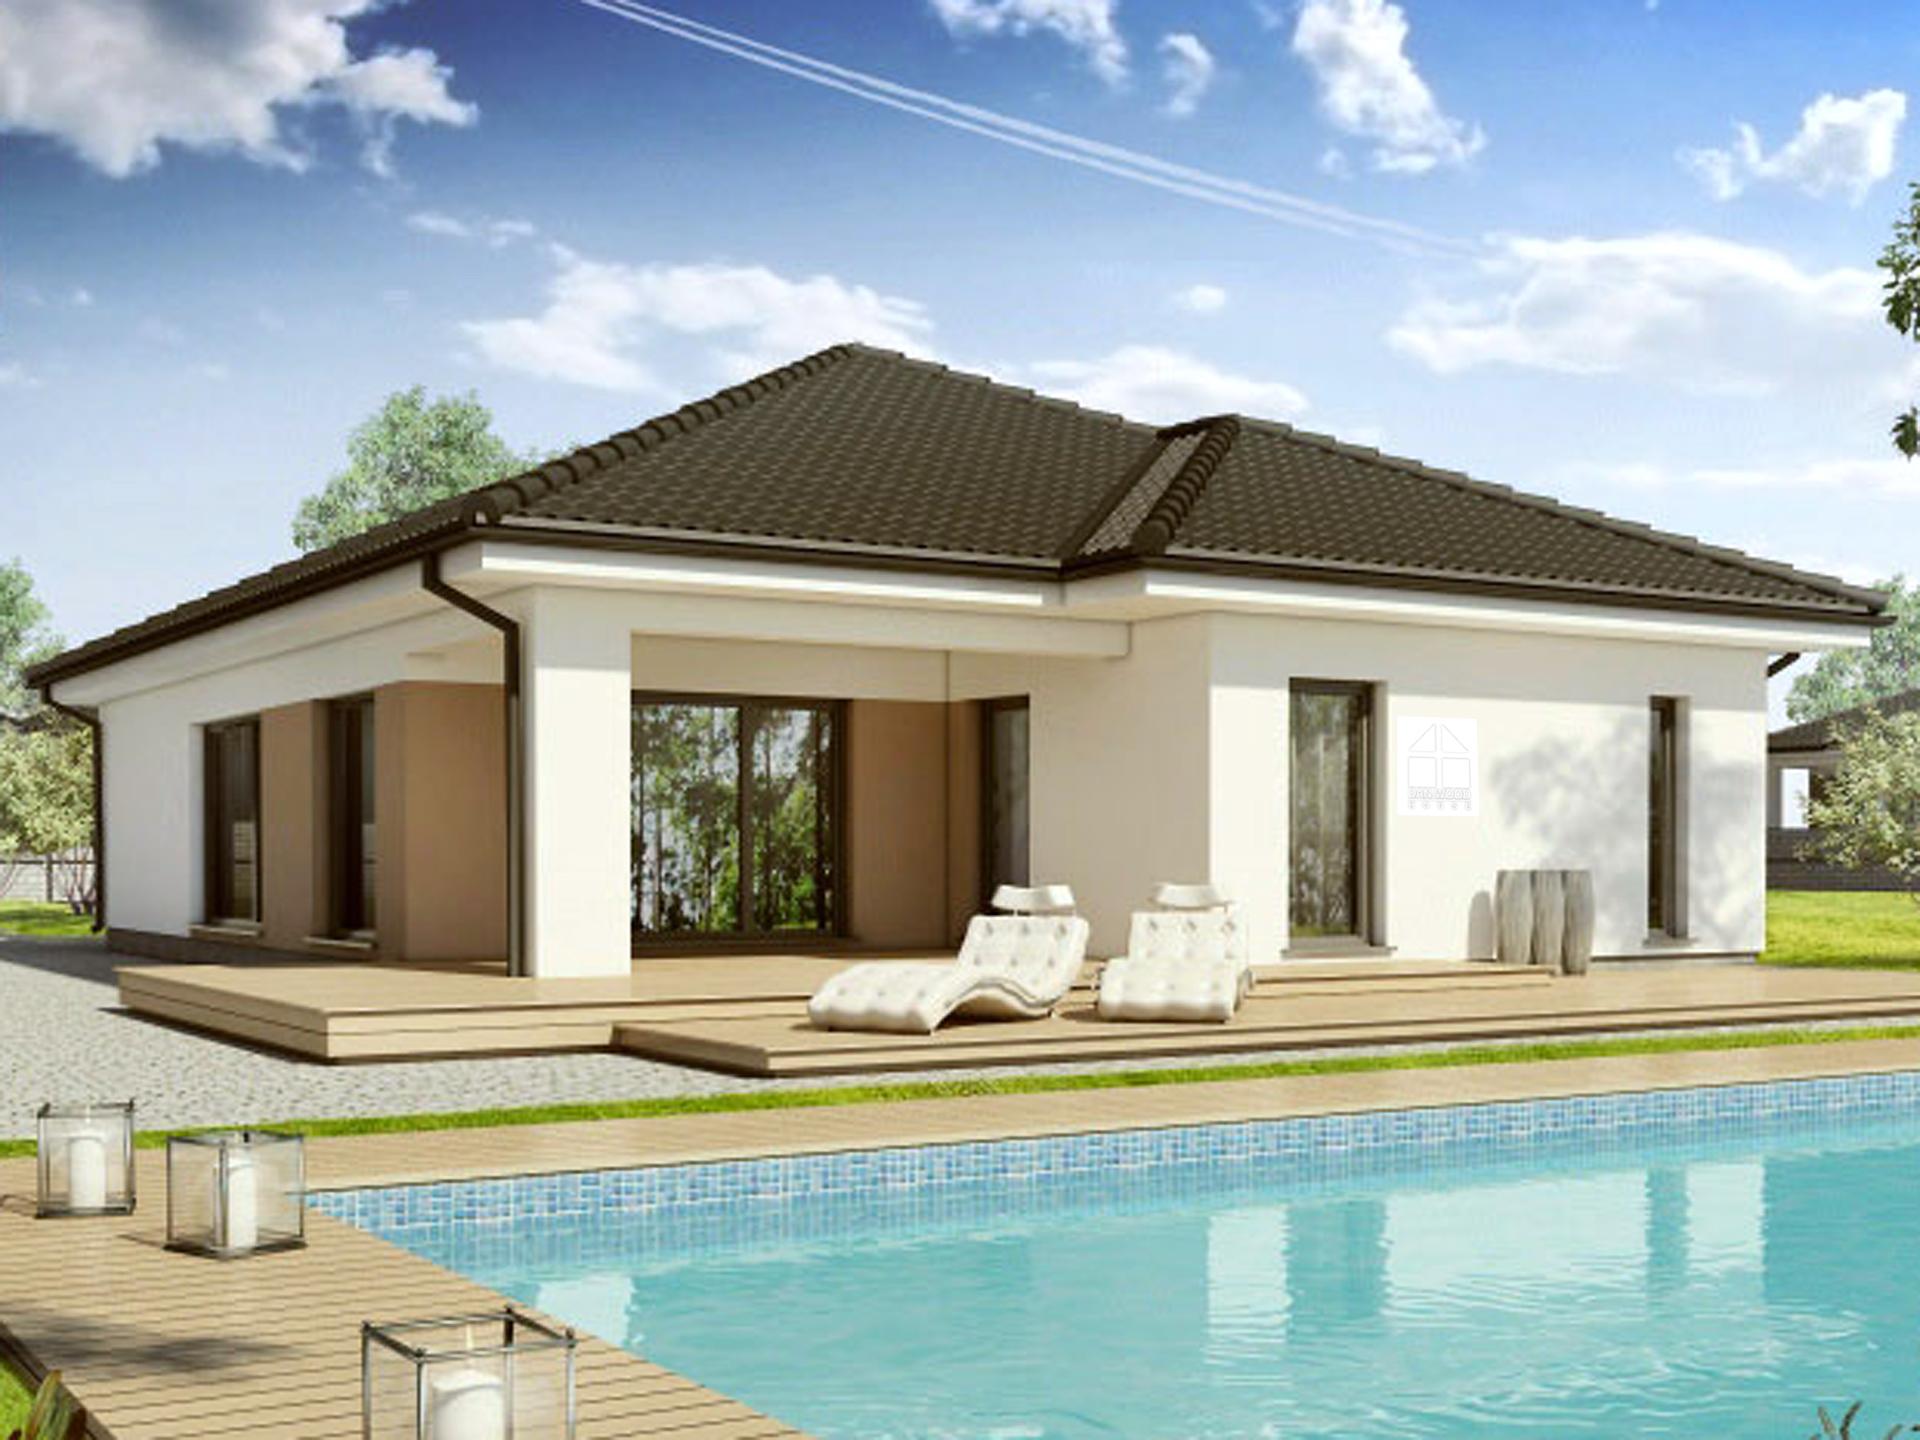 Haus bauen modern walmdach  ᐅ BUNGALOW bauen ▷ 207 Bungalows mit Grundrissen & Preisen